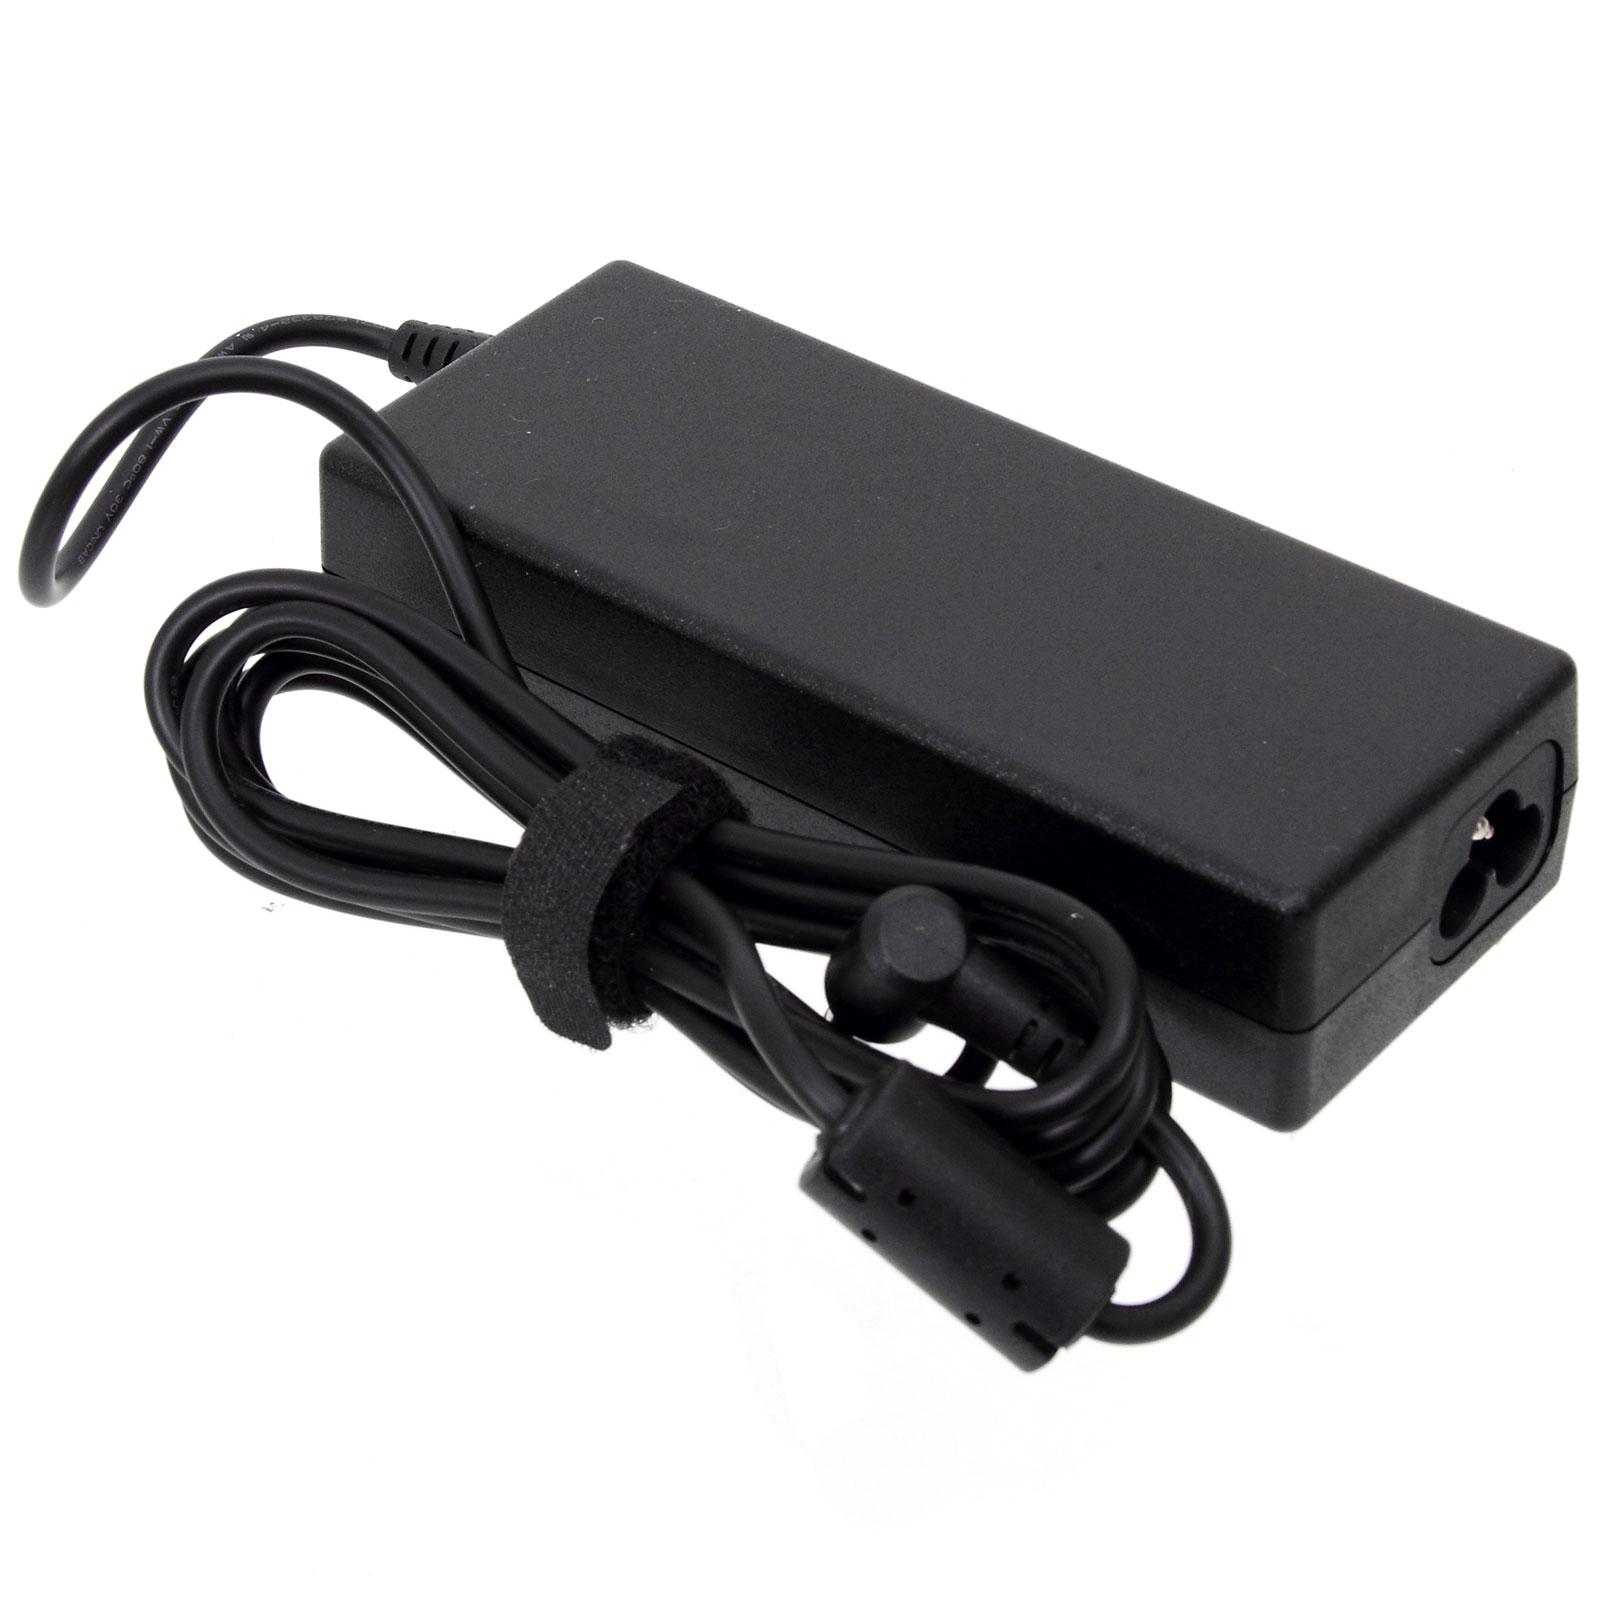 ldlc adaptateur secteur 90w chargeur pc portable ldlc sur ldlc. Black Bedroom Furniture Sets. Home Design Ideas